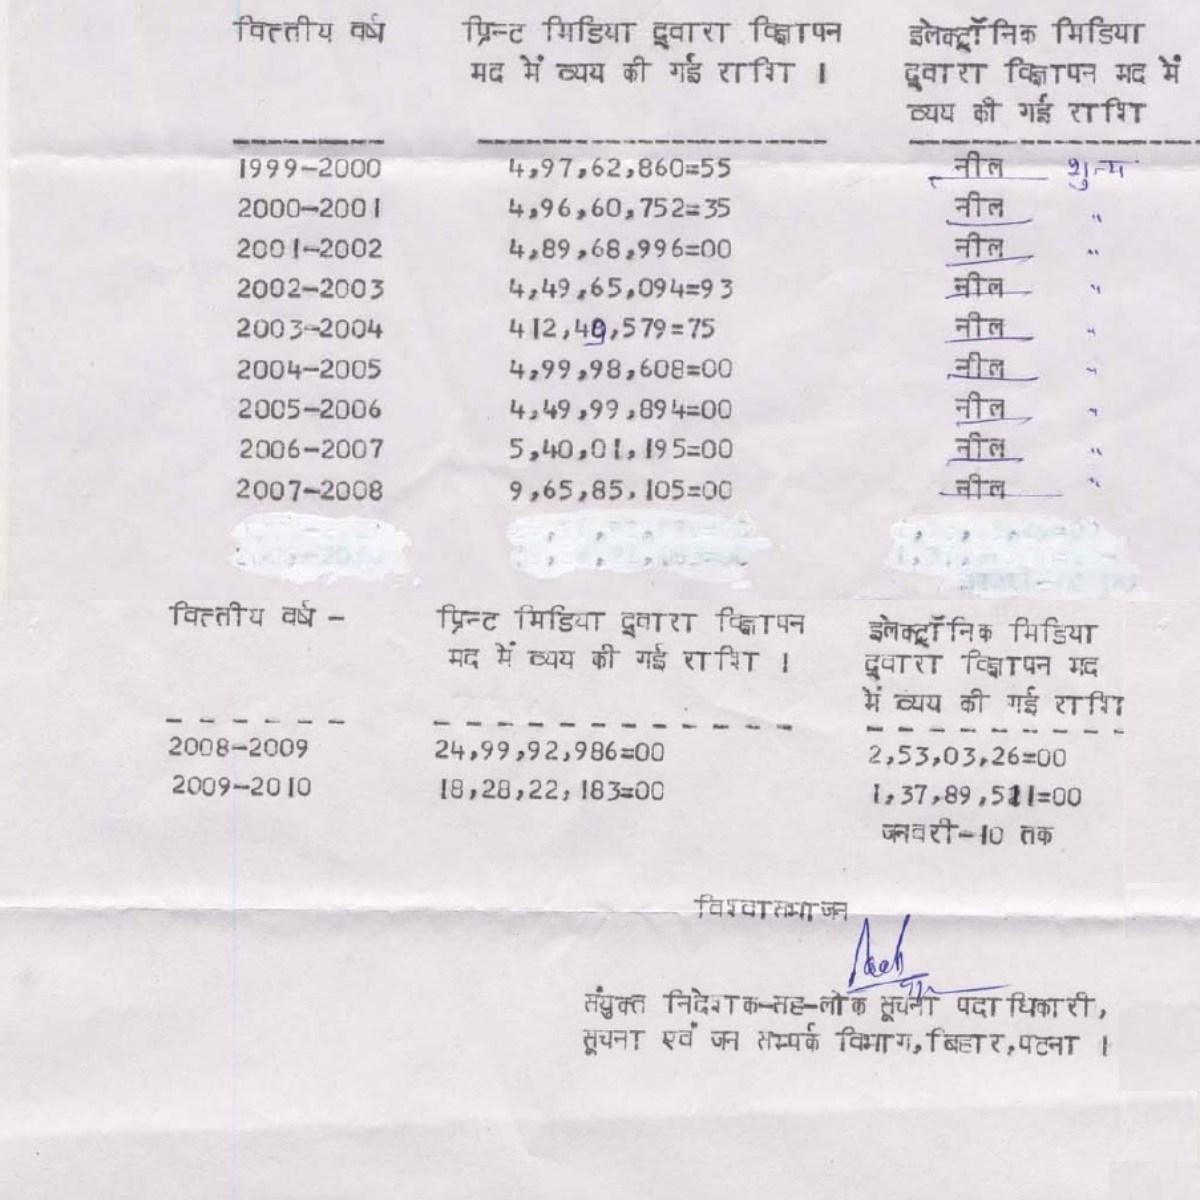 مالی سال 2000سے2001 سے لےکر 2009سے2010 یعنی 10 سالوں میں بہار حکومت کی طرف سے 102.89 کروڑ روپے اشتہار پر خرچ کئے گئے۔